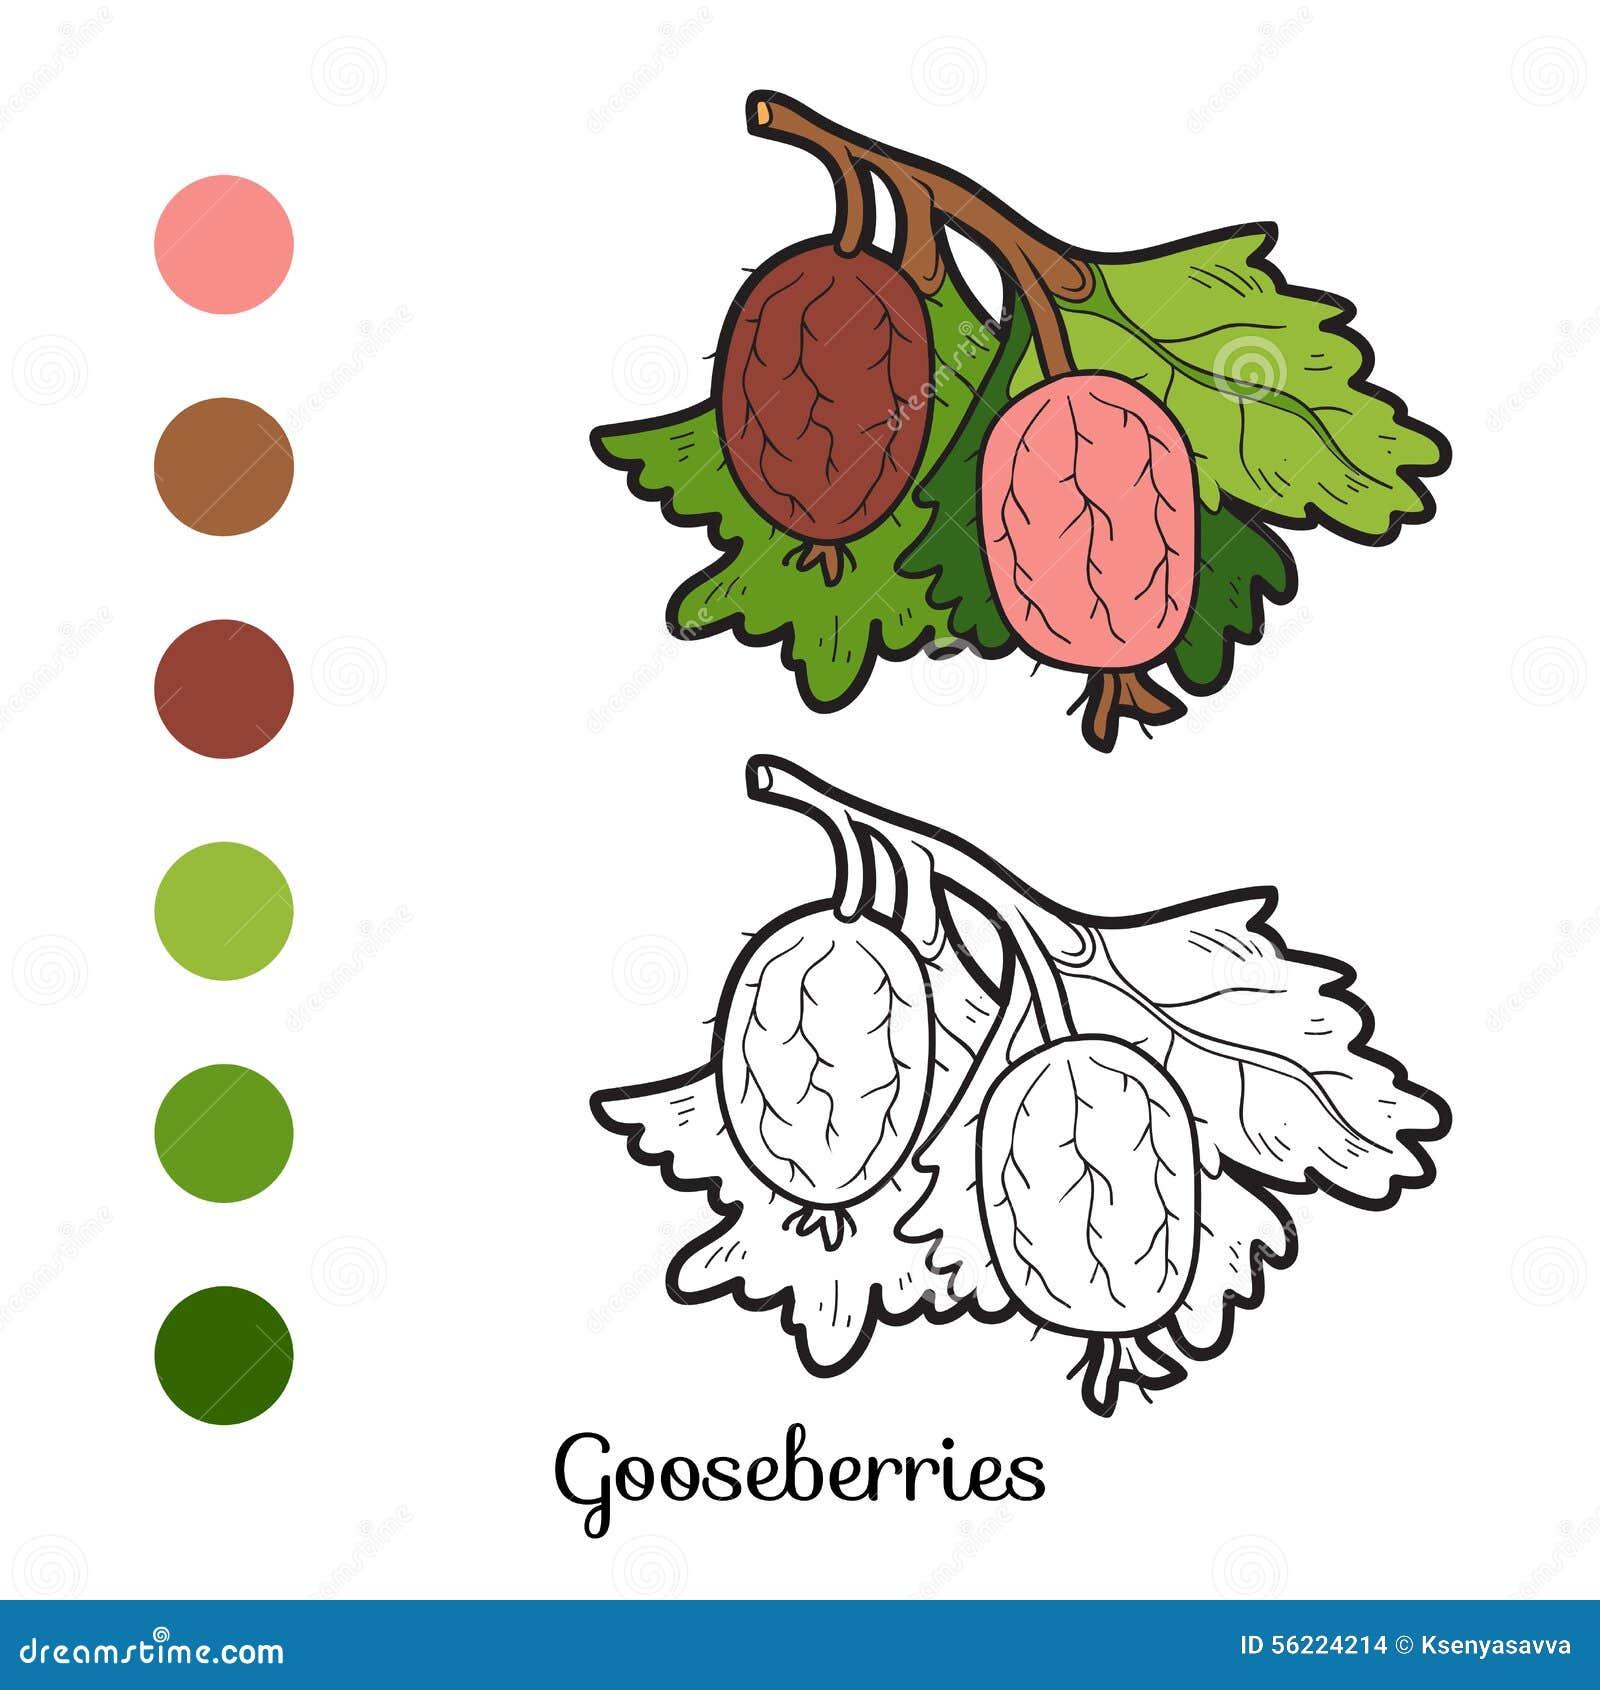 Livre de coloriage fruits et l gumes groseilles maquereau illustration de vecteur image - Fruits et legumes de a a z ...